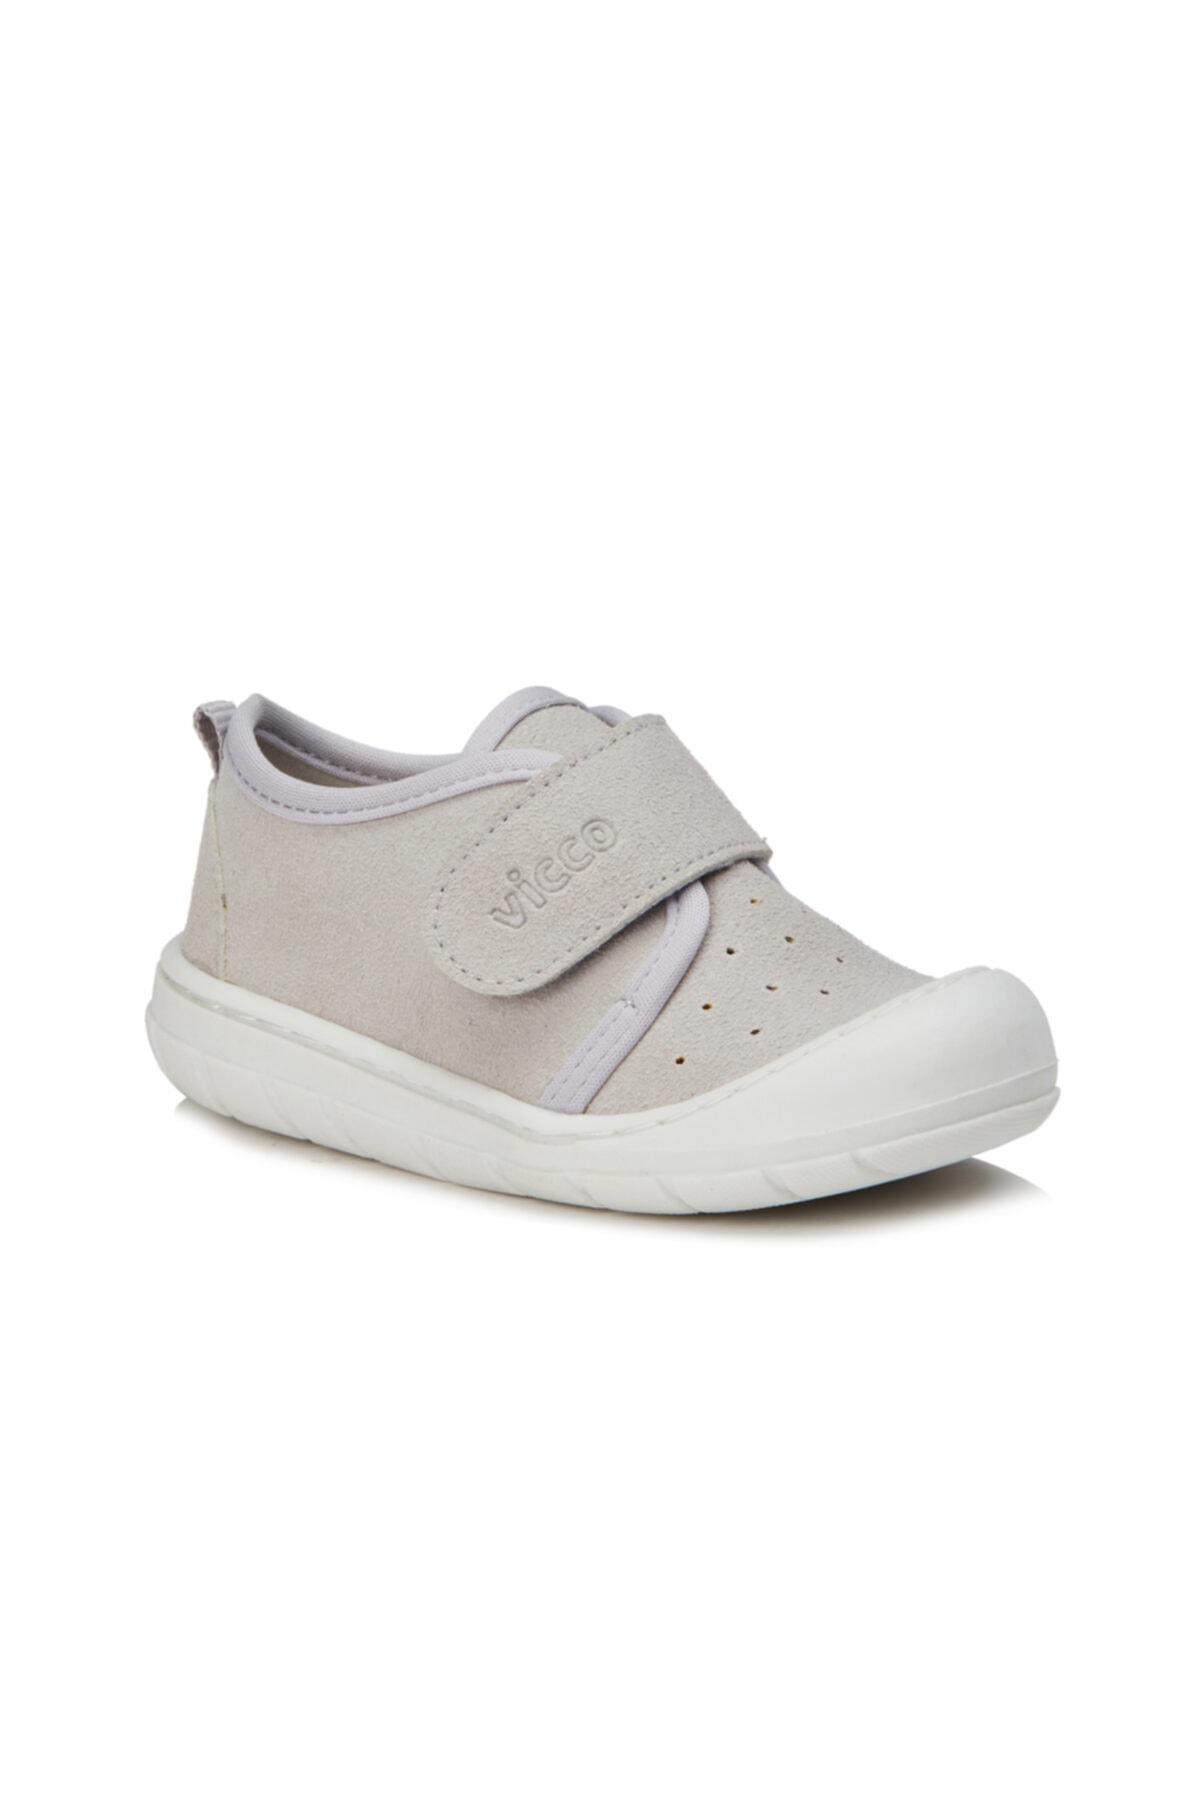 Anka Unisex Bebe Gri Günlük Ayakkabı